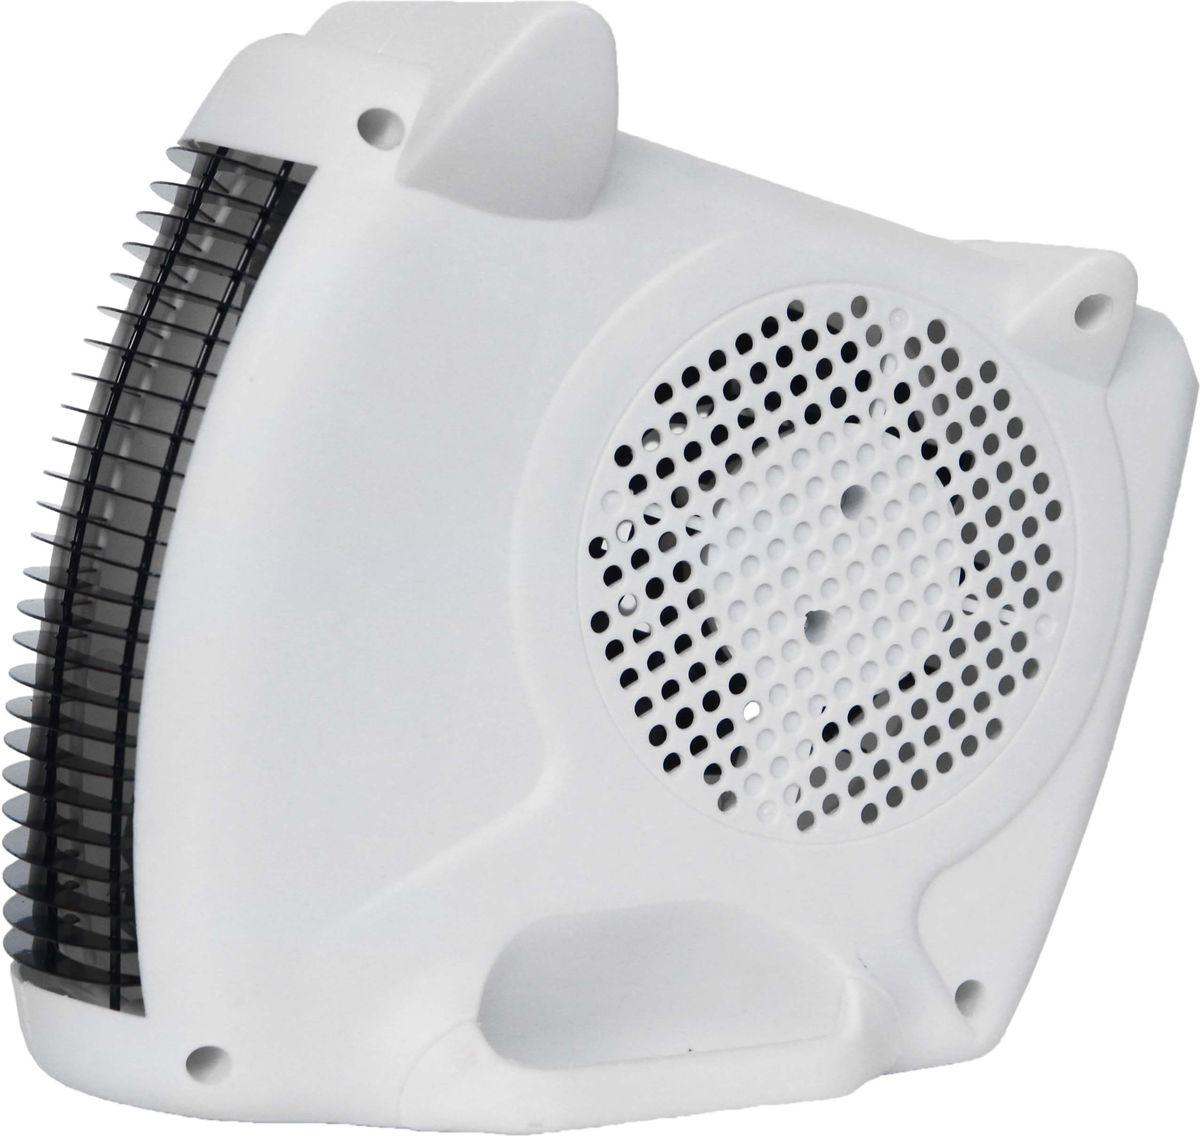 KingStone FH-901 термовентиляторKingStone FH-901Тепловентилятор KingStone FH-901 служит для быстрого прогрева помещения с наименьшими затратами электроэнергии. Принудительно нагнетая горячий воздух, тепловентилятор заставляет его циркулировать, смешиваясь с холодным, благодаря чему прогрев помещения происходит значительно быстрее, чем в случае обычных обогревателей. Тепловентилятор KingStone FH-901 может работать в режиме обычного вентилятора, а также нагнетать теплый или горячий воздух. Используя разные режимы работы можно добиться установления в помещении устойчивого и комфортного микроклимата. Материал корпуса - термостойкий пластик абсолютно безвреден и соответствует всем стандартам безопасности. 3 режима работыРежим вентилятора без нагрева, режим теплого потока воздуха и режим горячего потока воздуха.